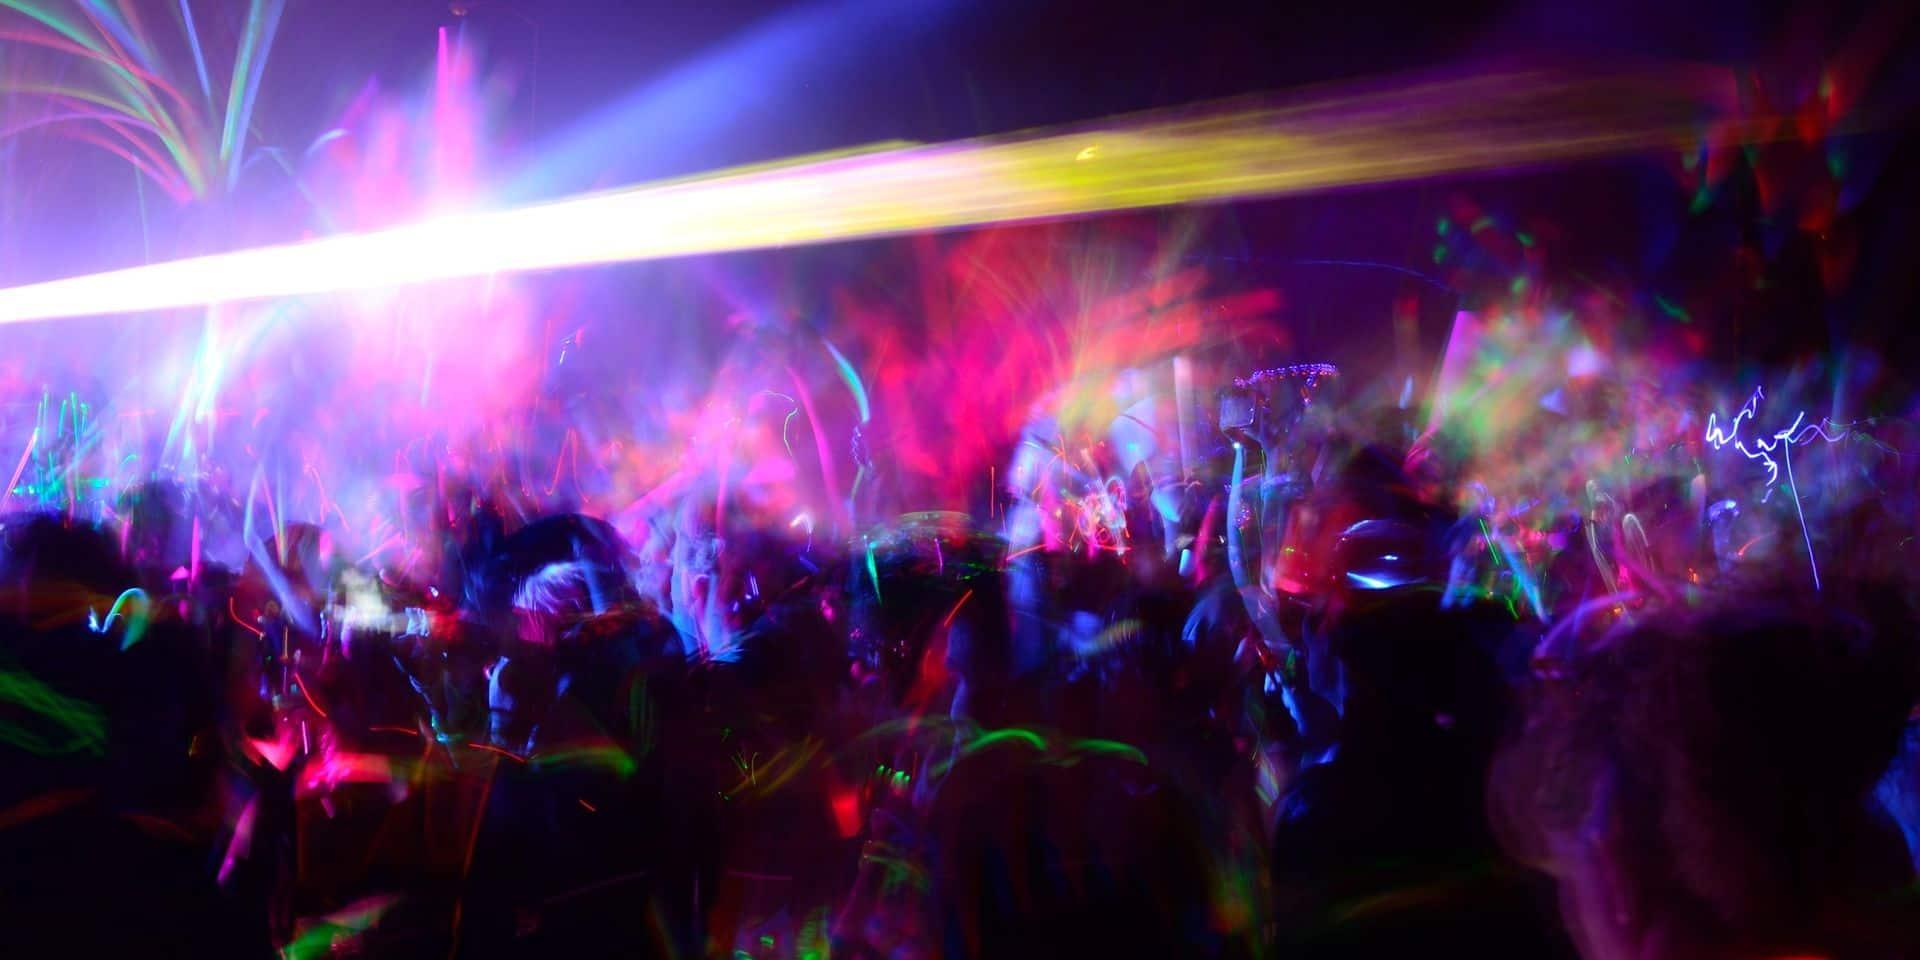 Une rave party réunit environ 2.500 personnes en Bretagne